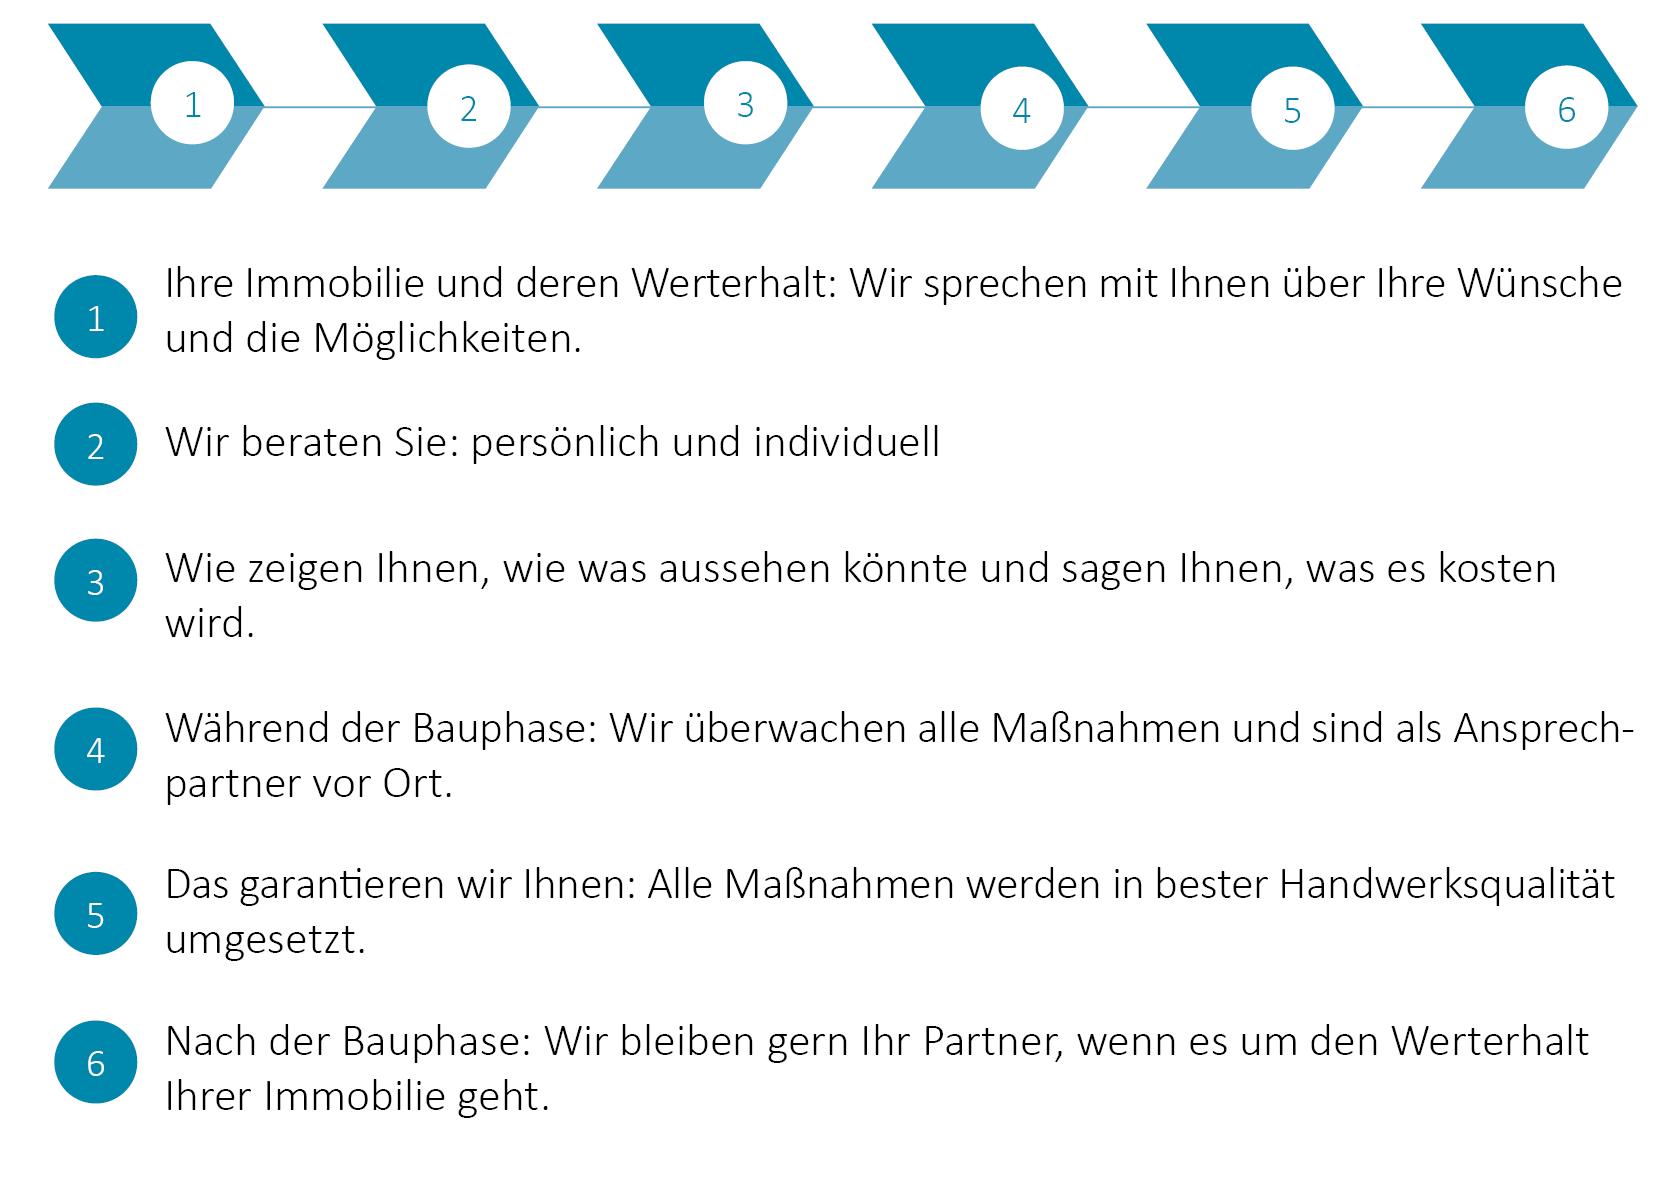 Willkommen Bei Kp Modernisierung Und Service - 1486546878S Webseite!